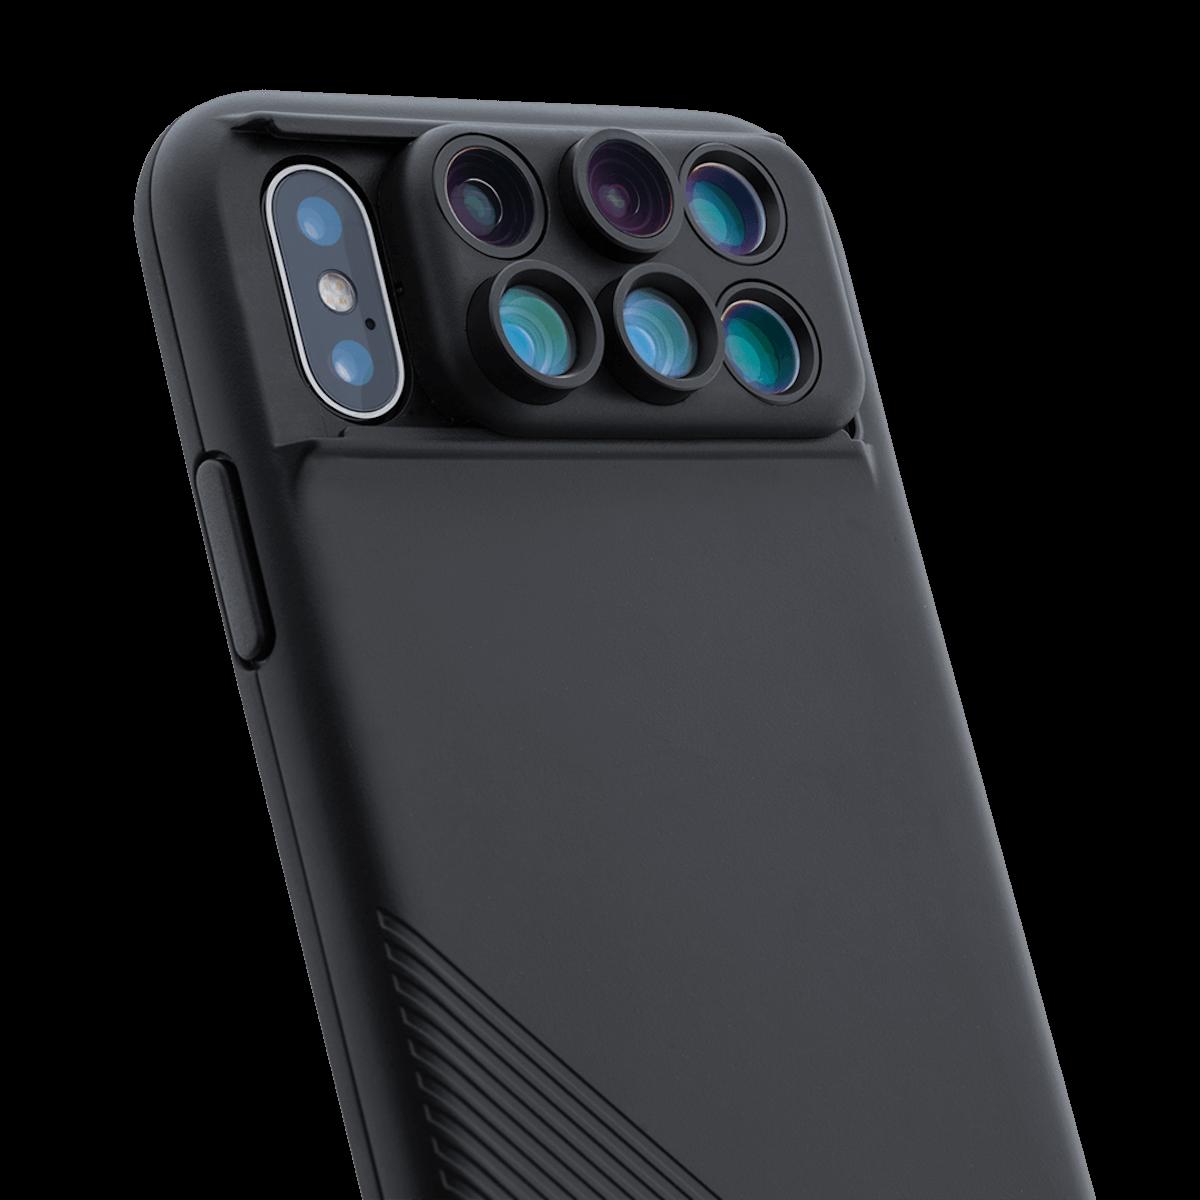 iPhone Xにレンズを6つ追加できるiPhoneケース「SHIFT CAM 2.0」が登場! technology180608_shiftcam2_2-1200x1200